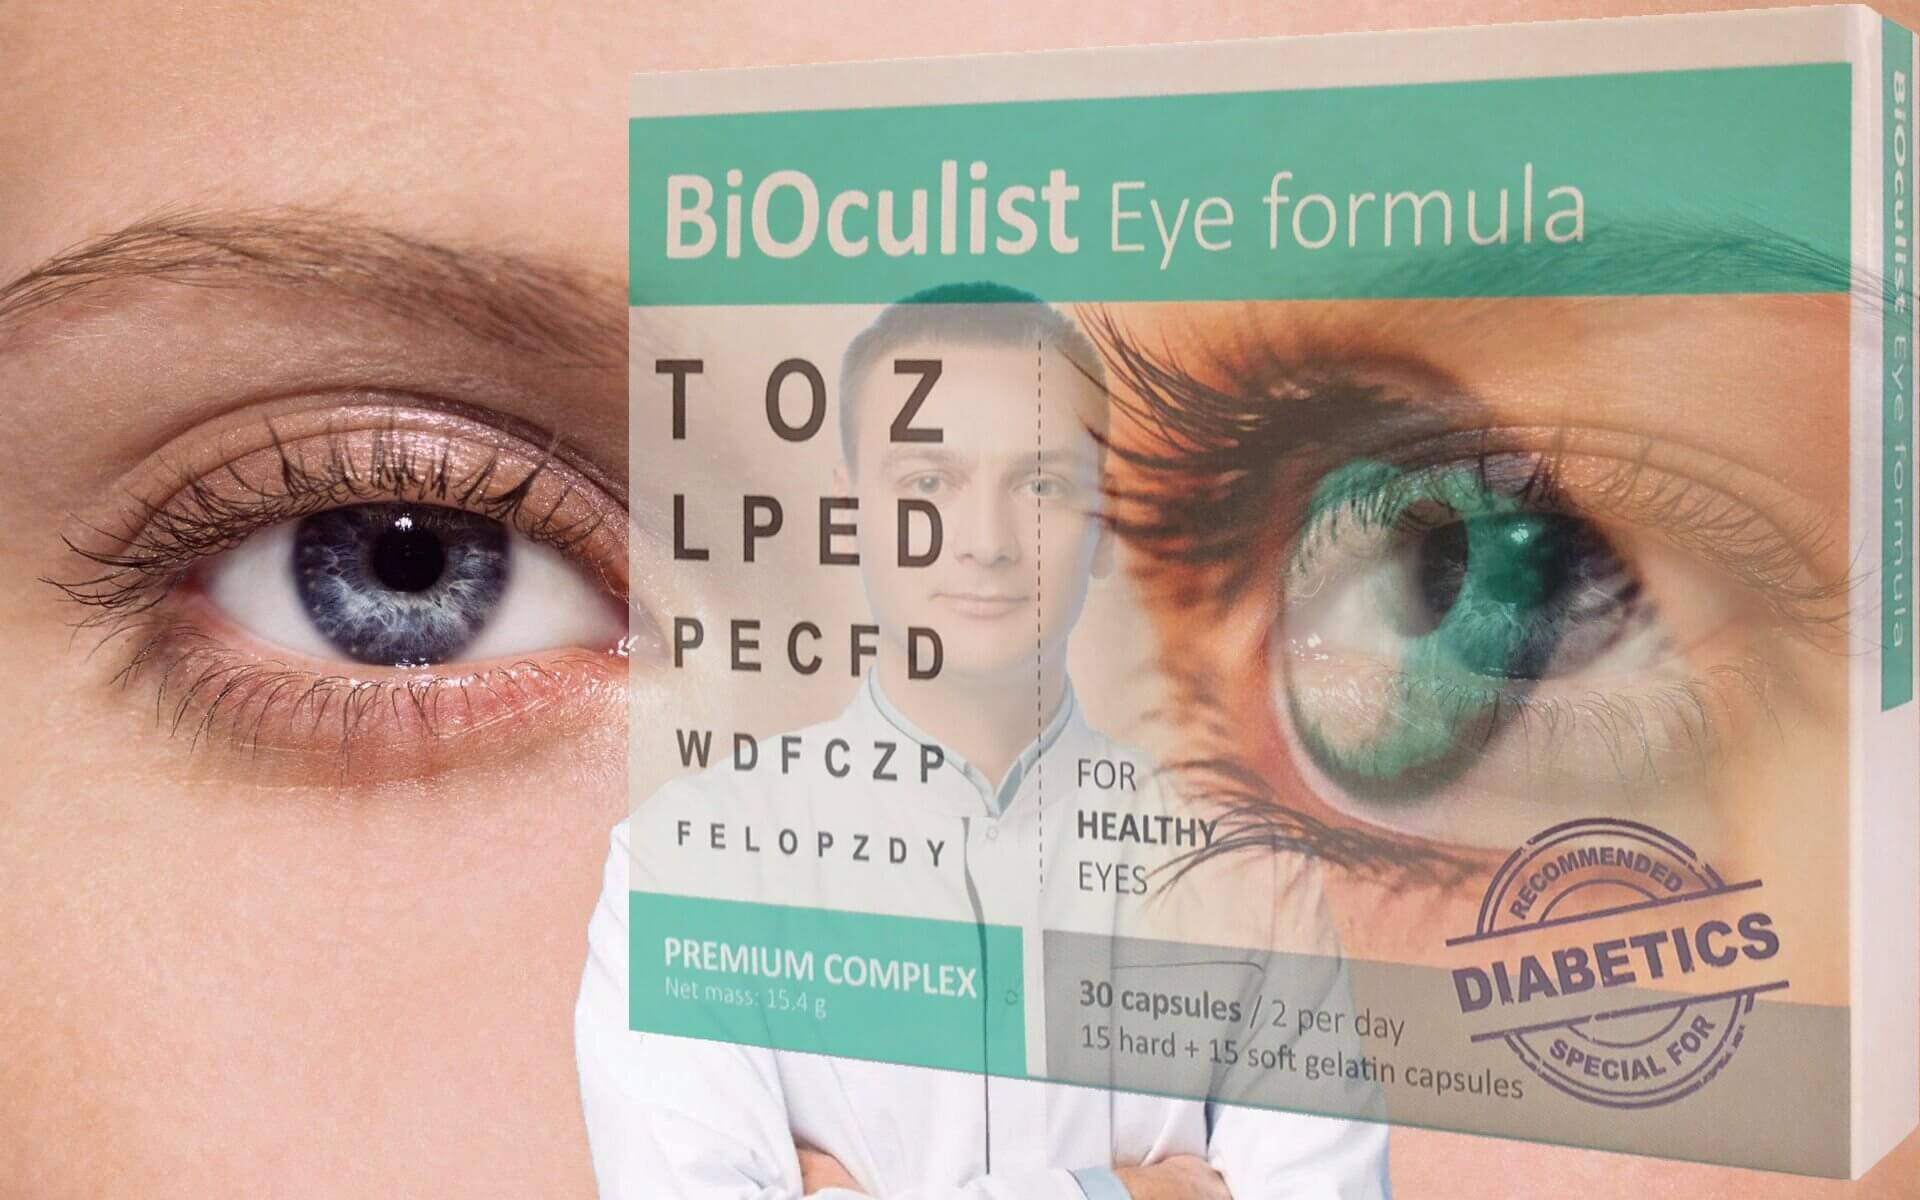 hogyan lehet növelni a látását látás-helyreállító szemgyakorlatok hyperopia